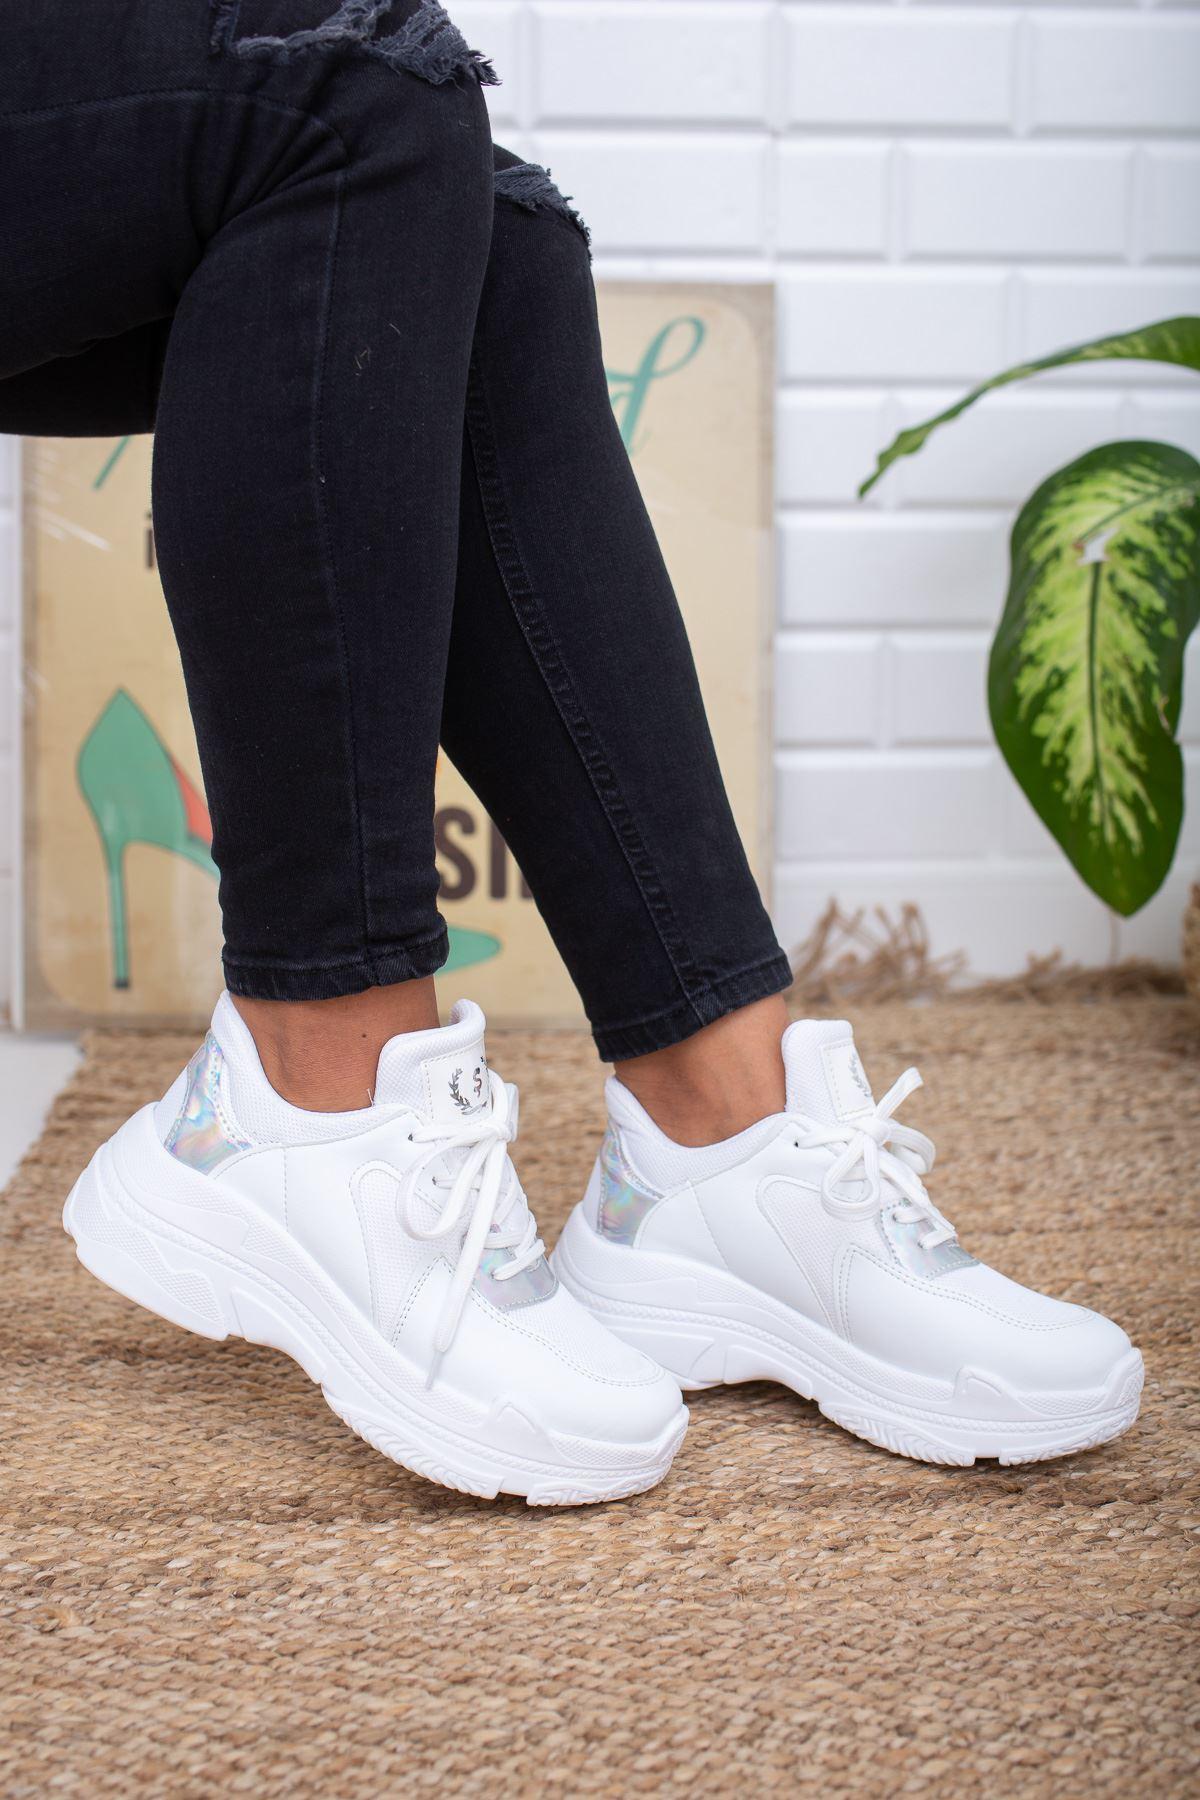 Loic Siyah Beyaz Spor Ayakkabı